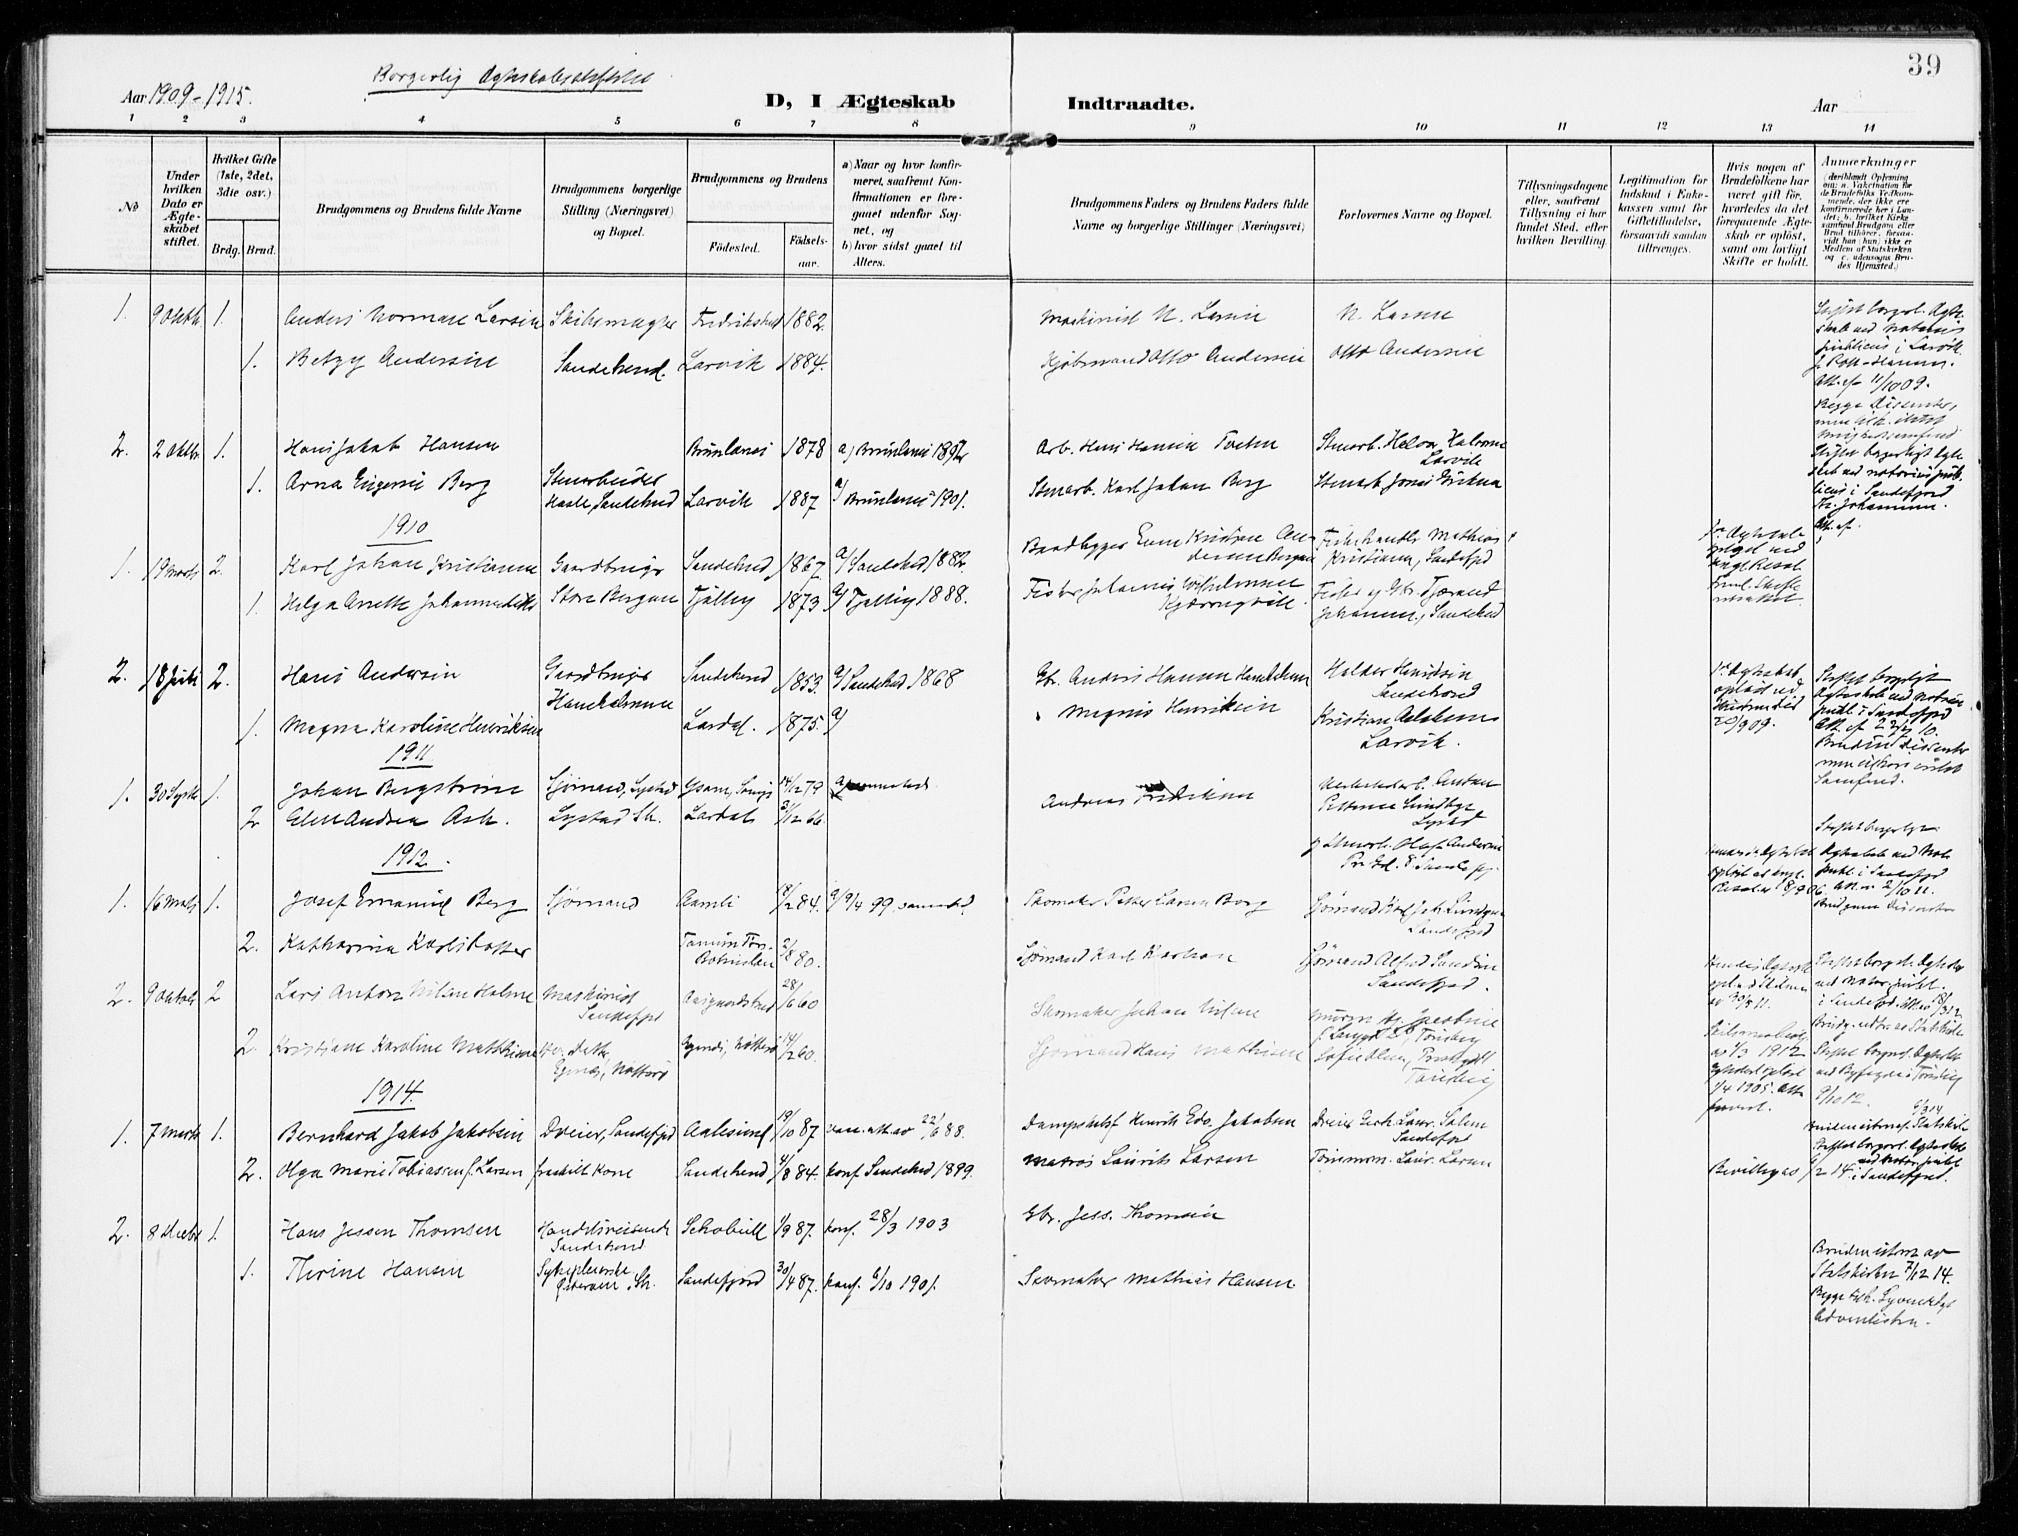 SAKO, Sandar kirkebøker, F/Fa/L0019: Ministerialbok nr. 19, 1908-1914, s. 39